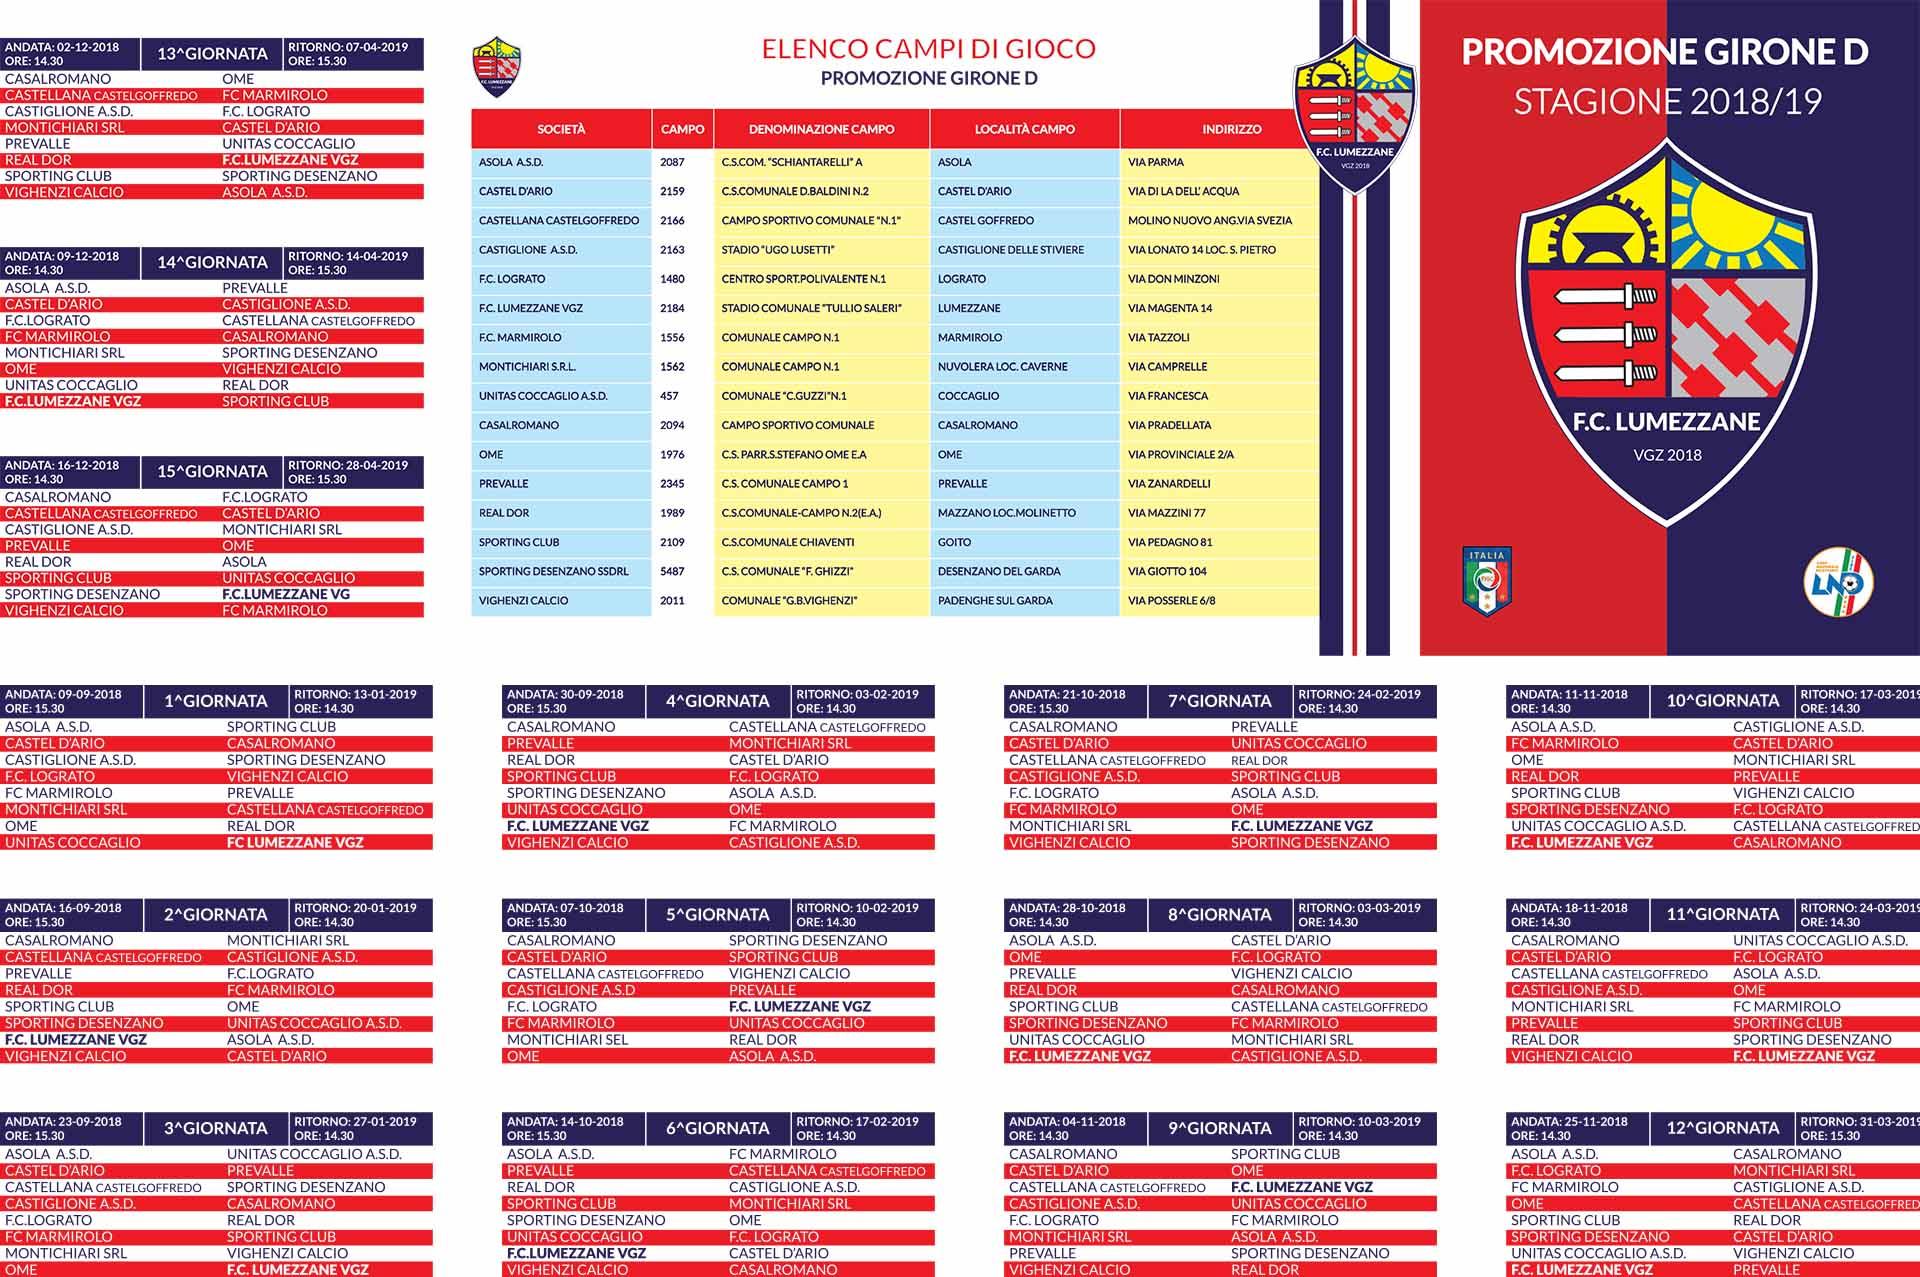 Calendario De 1976 Completo.Calendario 2018 2019 Fc Lumezzane Vgz